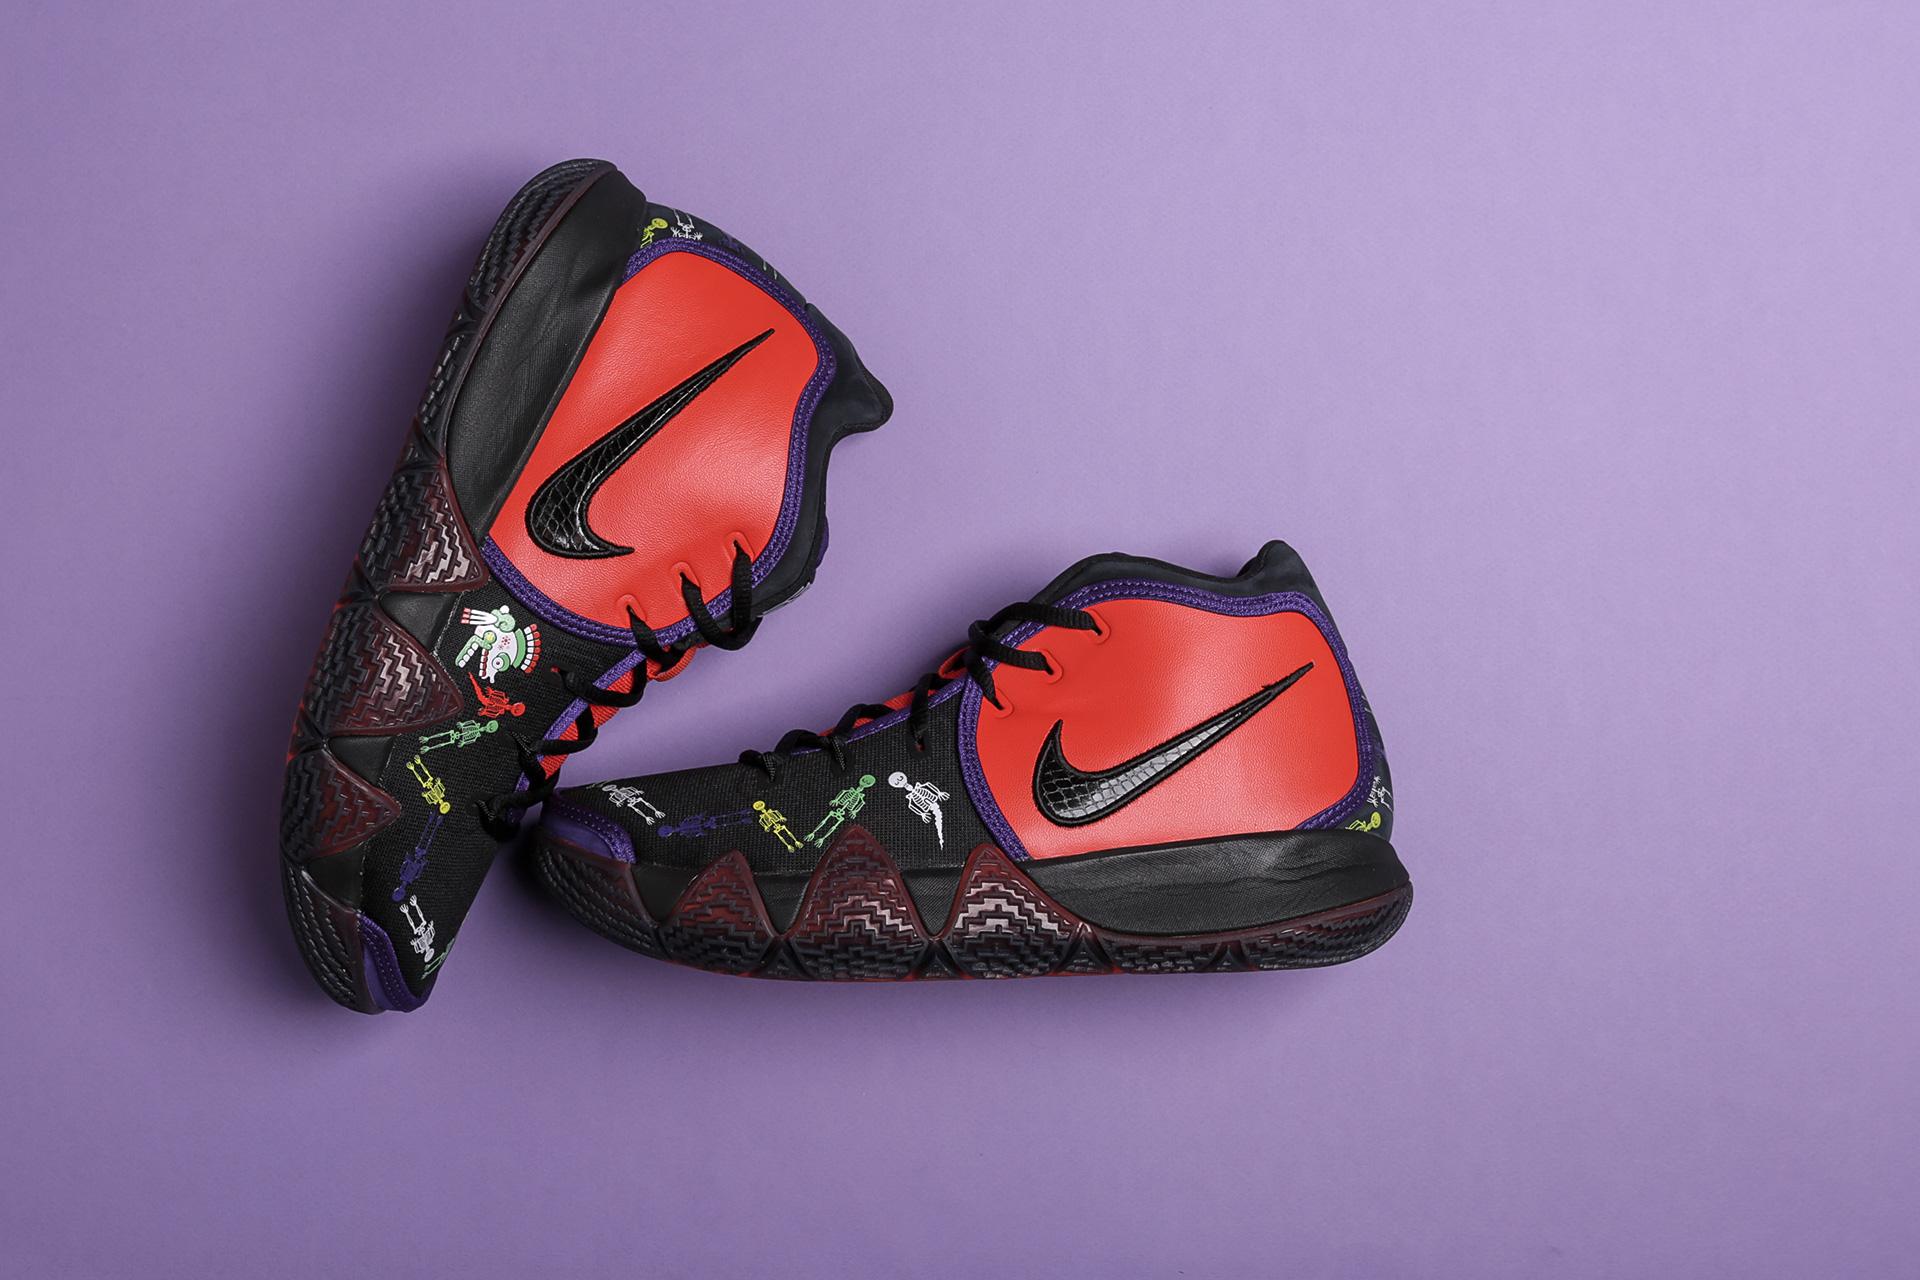 c6b0bddd6023 Купить черные мужские кроссовки Kyrie 4 DOTD TV PE 1 от Nike (CI0278 ...